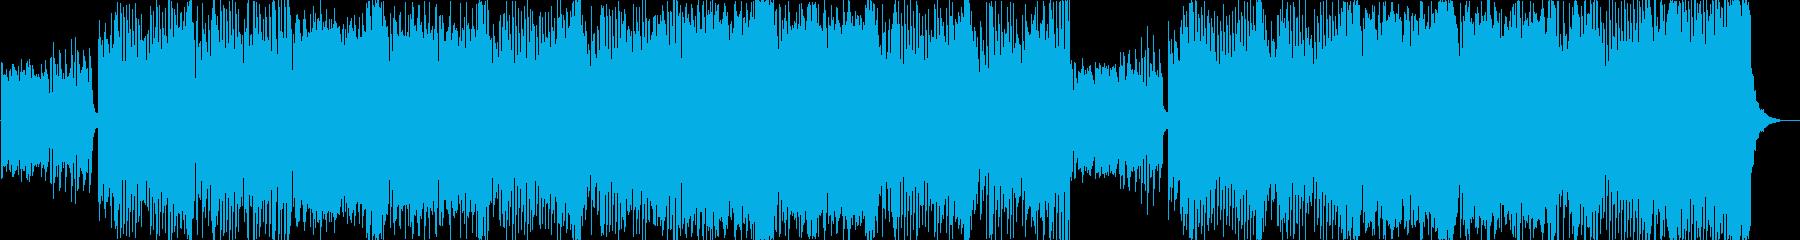 キラキラしたエレクトリカルパレード風曲bの再生済みの波形